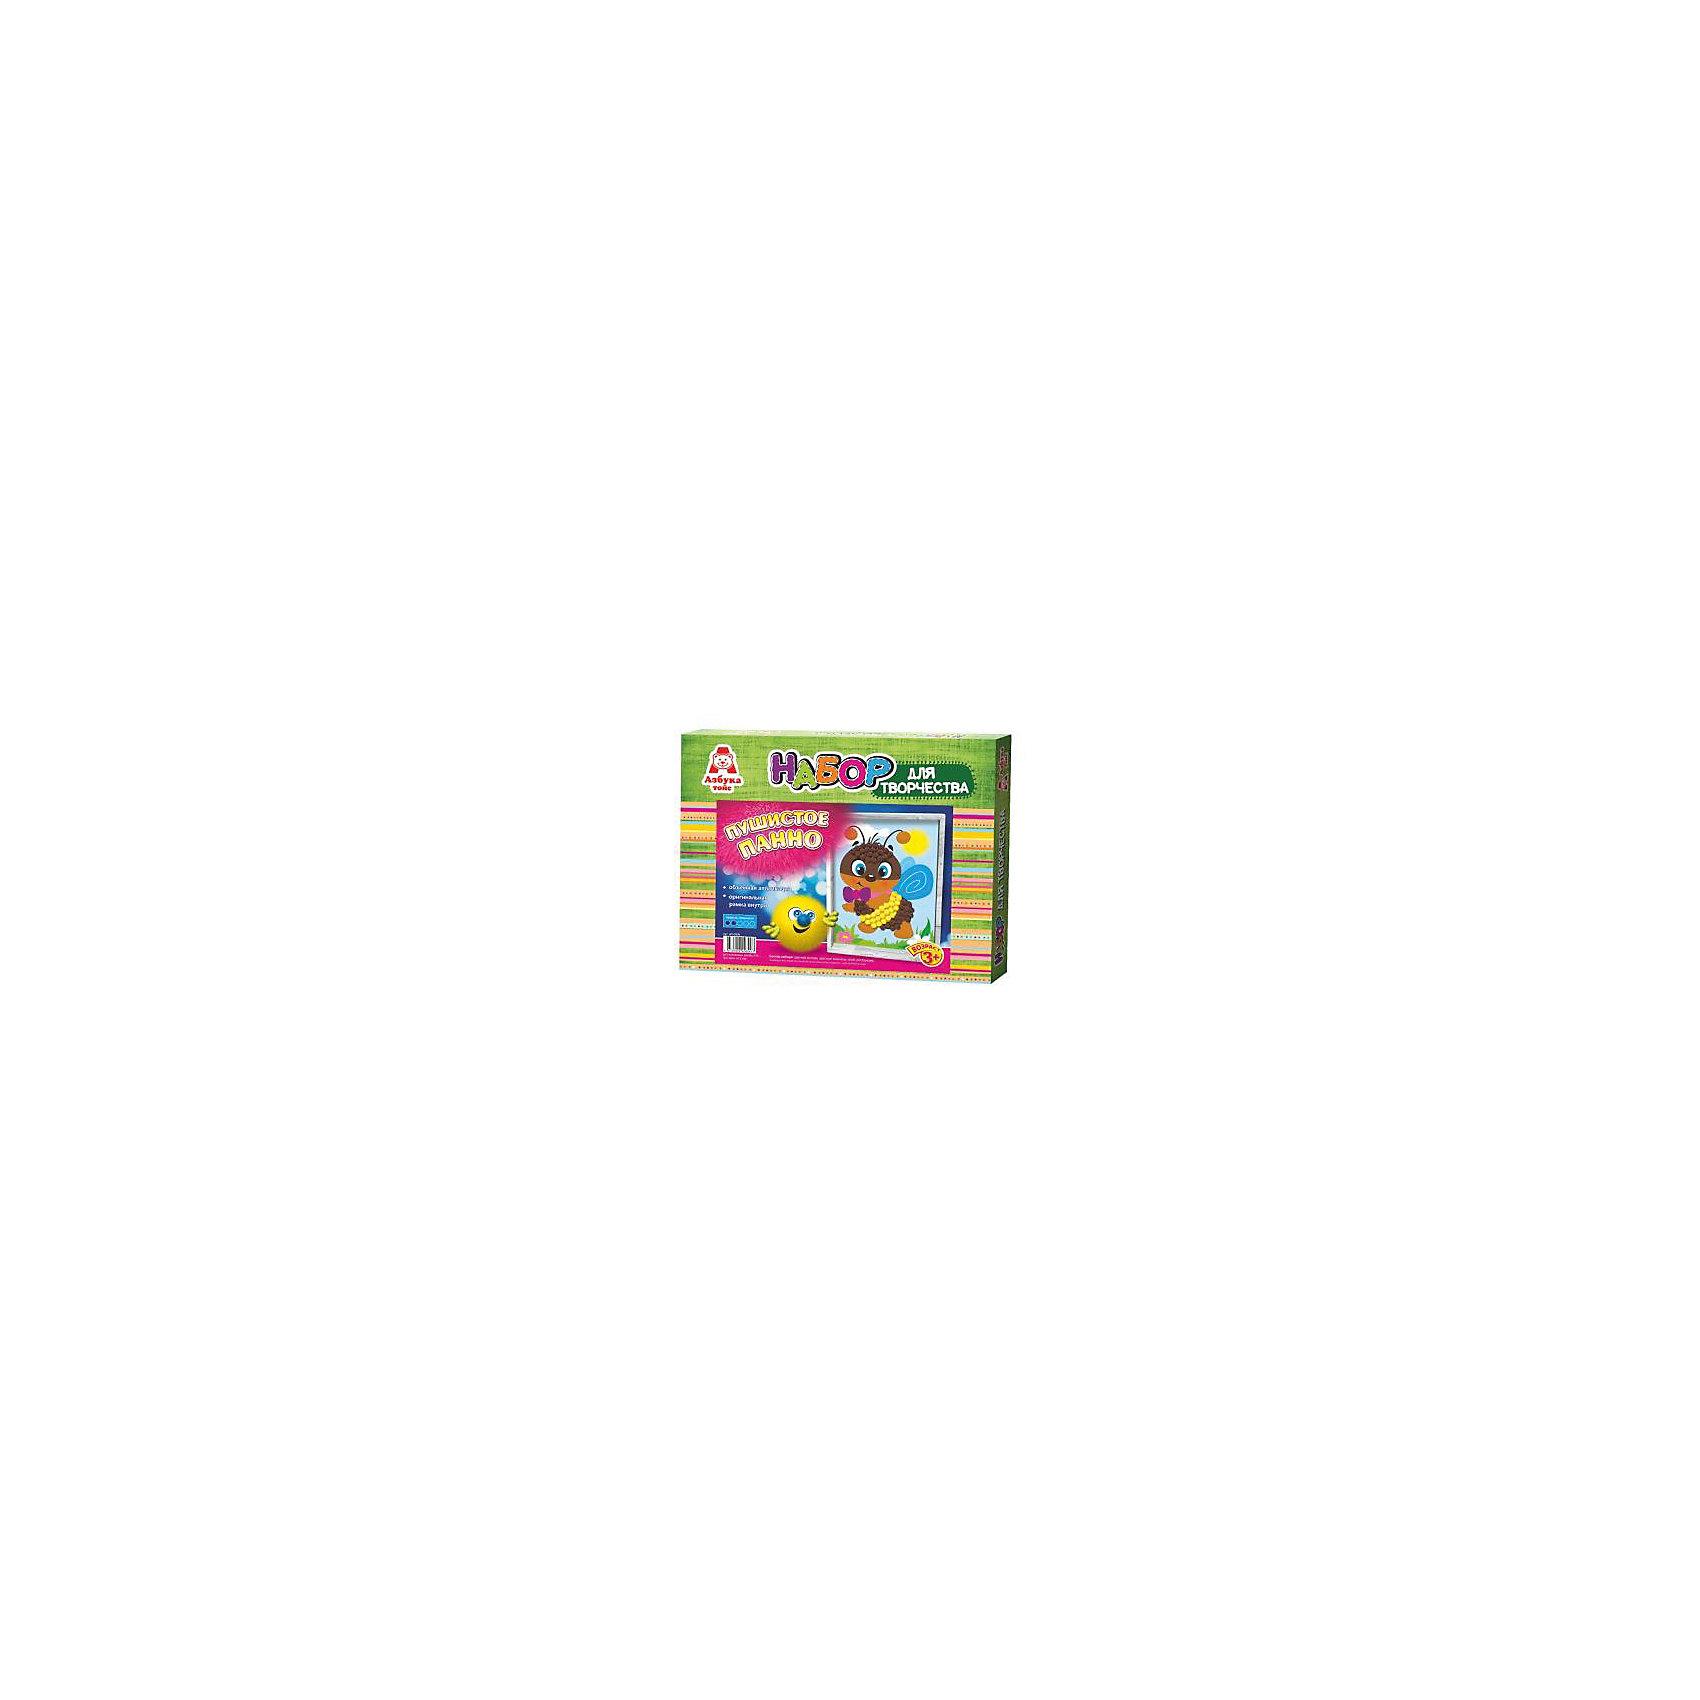 Аппликация помпонами ПчелкаРукоделие<br>Аппликация помпонами Пчелка.<br><br>Характеристики:<br><br>- Для детей от 3 лет<br>- В наборе: цветная основа, цветные помпоны, клей, оригинальная рамка, инструкция<br>- Изготовитель: ООО Азбука Тойс<br>- Страна производитель: Россия<br>- Размер упаковки: 27х3х22 см.<br>- Вес: 126 гр.<br><br>Набор для создания объемной аппликации из маленьких разноцветных помпонов, которые нужно с помощью клея приклеивать к рисунку-схеме с изображением пчелки, надолго увлечет вашего малыша и не позволит ему скучать. А готовый шедевр, вставленный в оригинальную рамочку, станет чудесным украшением интерьера или замечательным подарком для друзей и родных. Аппликация помпонами - интересное и увлекательное занятие, полезное для развития. Оно поможет повысить самооценку ребенка, уверенность в его силах и возможностях. Так же занятие аппликацией способствует развитию творчества и фантазии, цветового восприятия, мелкой моторики рук. Цветные мягкие помпончики познакомят ребенка с основными цветами, помогут развить тактильные ощущения и научат располагать одинаковые формы по контуру рисунка.<br><br>Набор Аппликация помпонами Пчелка можно купить в нашем интернет-магазине.<br><br>Ширина мм: 270<br>Глубина мм: 30<br>Высота мм: 220<br>Вес г: 126<br>Возраст от месяцев: 36<br>Возраст до месяцев: 84<br>Пол: Женский<br>Возраст: Детский<br>SKU: 5062925